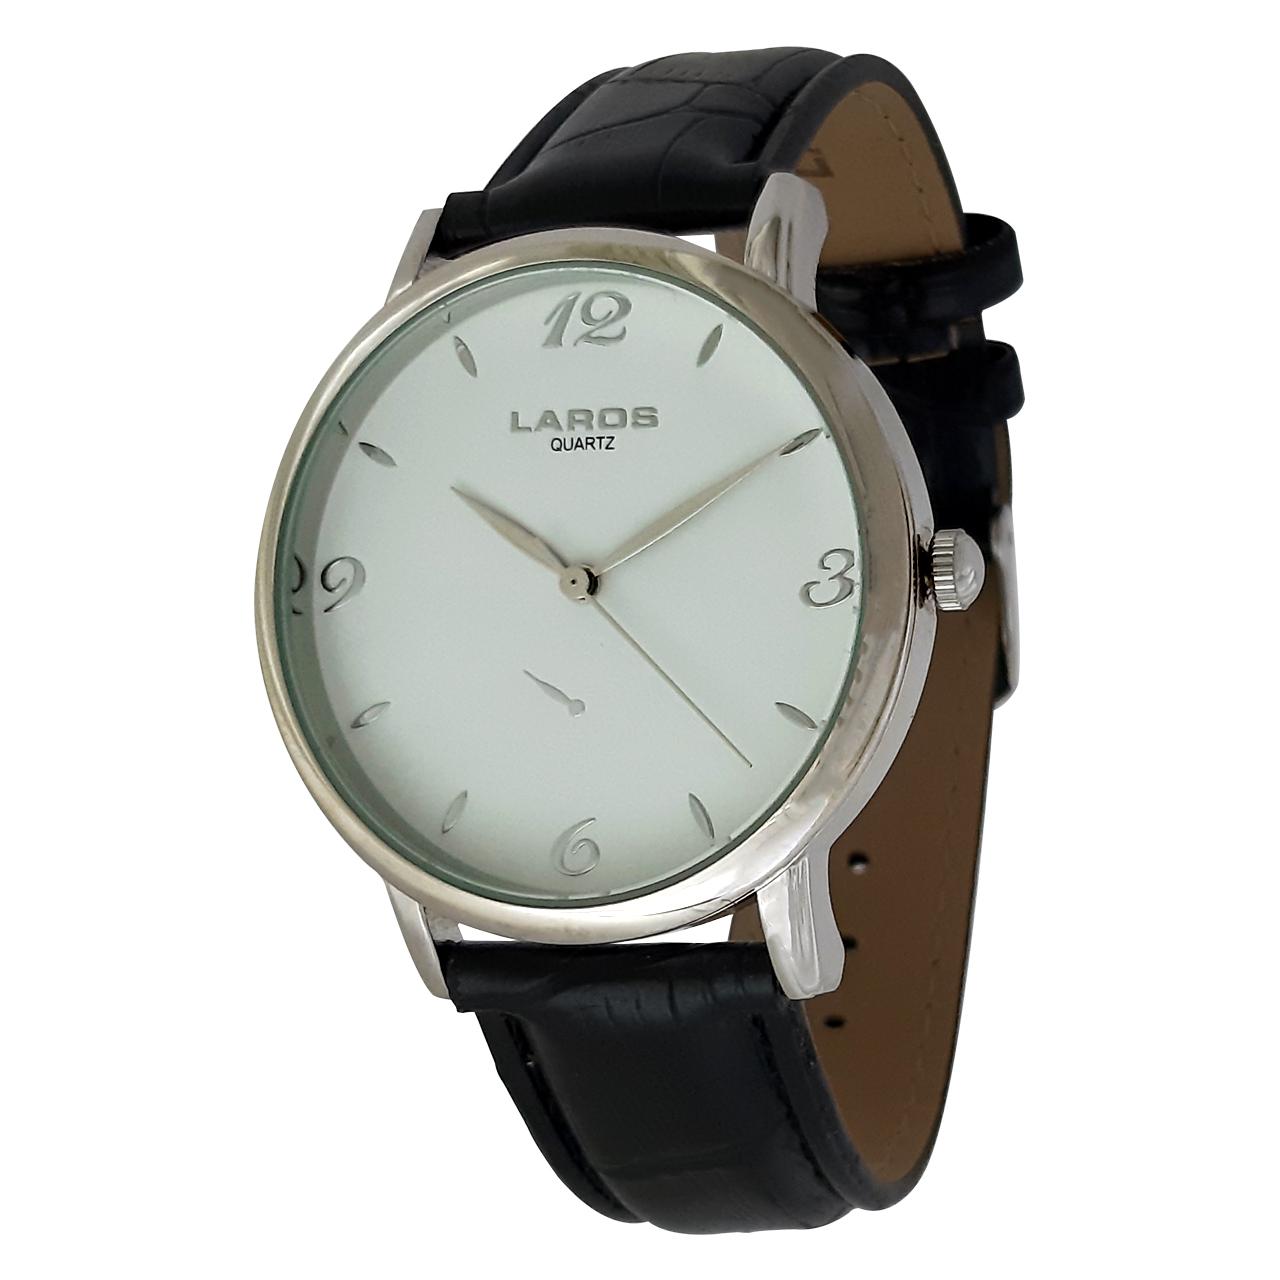 ساعت مچی عقربه ای مردانه لاروس مدل0517-79997-s به همراه دستمال مخصوص برند کلین واچ